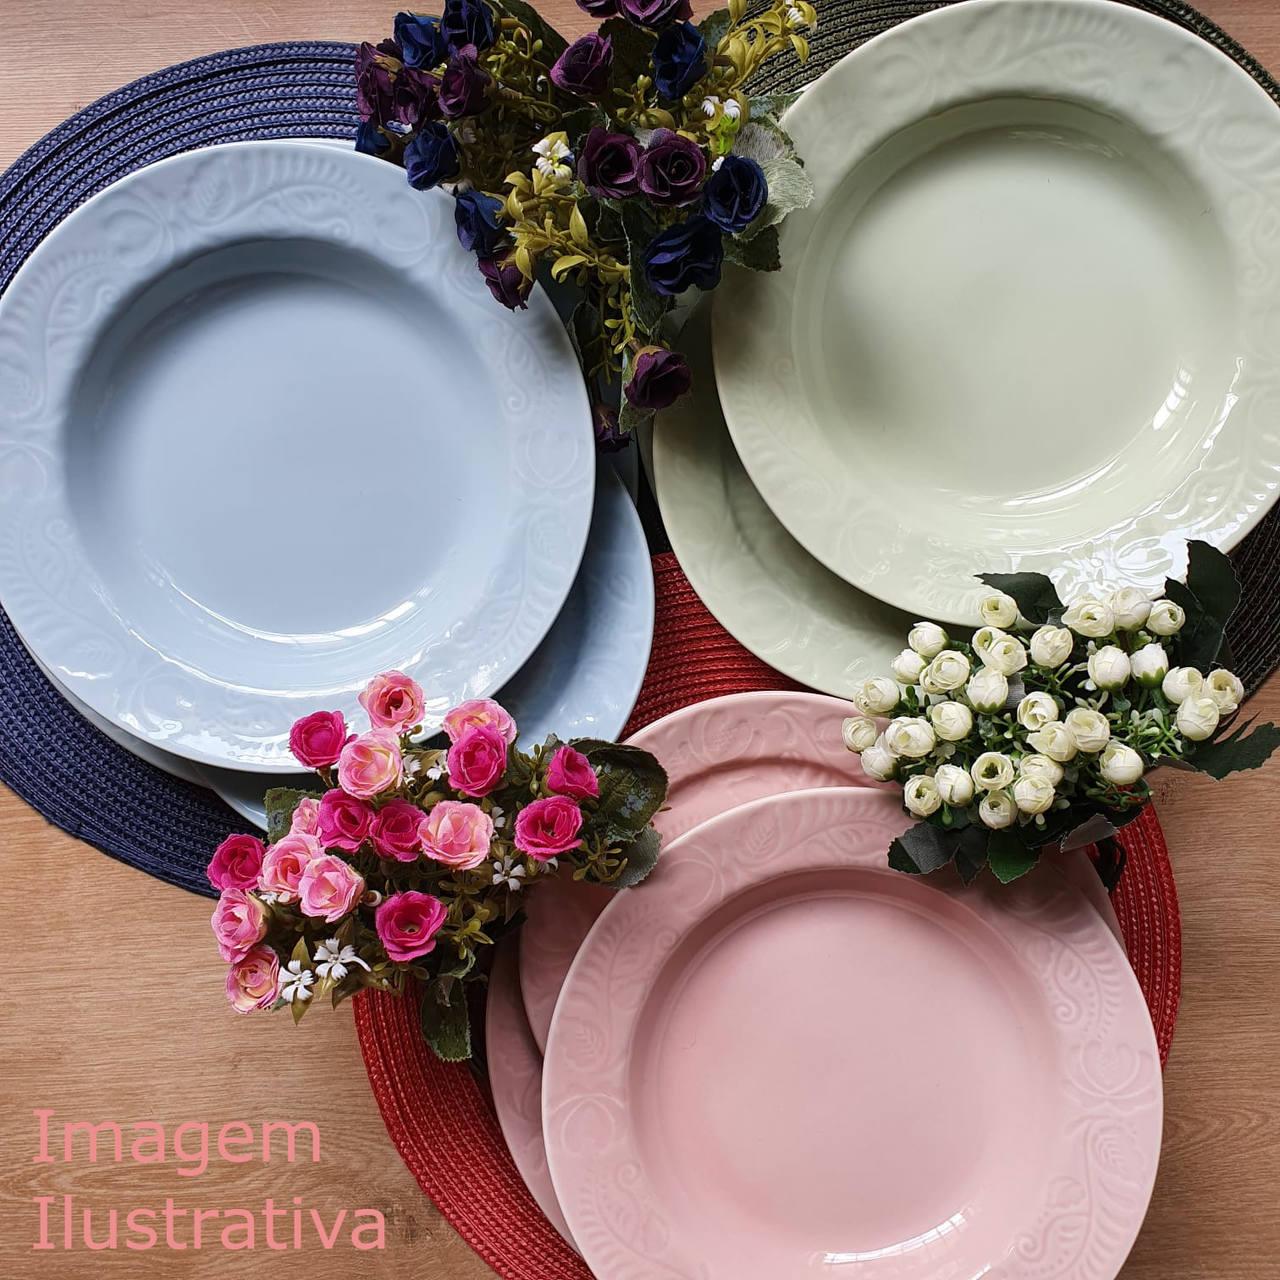 Jogo de Pratos de Porcelana de Sobremesa Colorê Germer Folk 6 Unidades